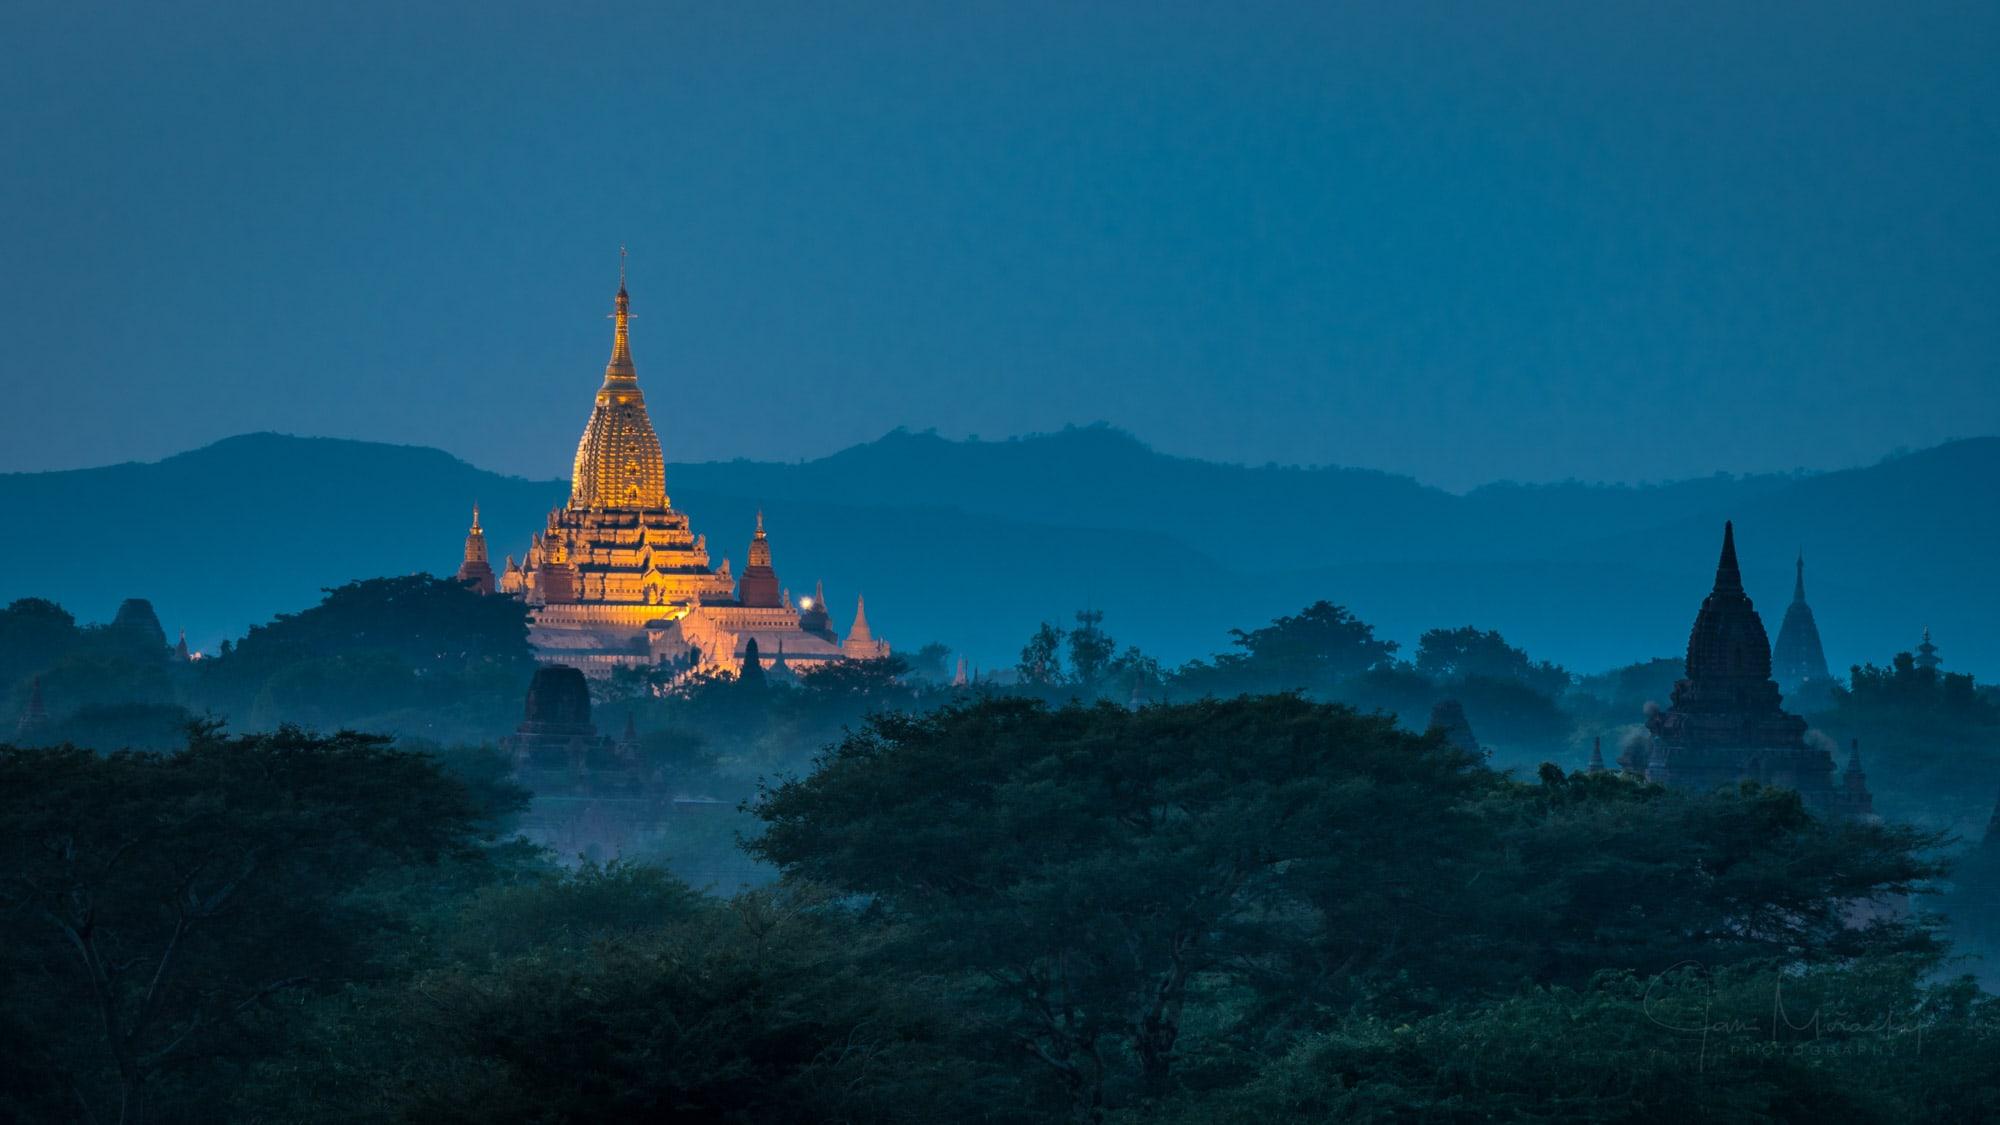 Pagoda in Bagan at night